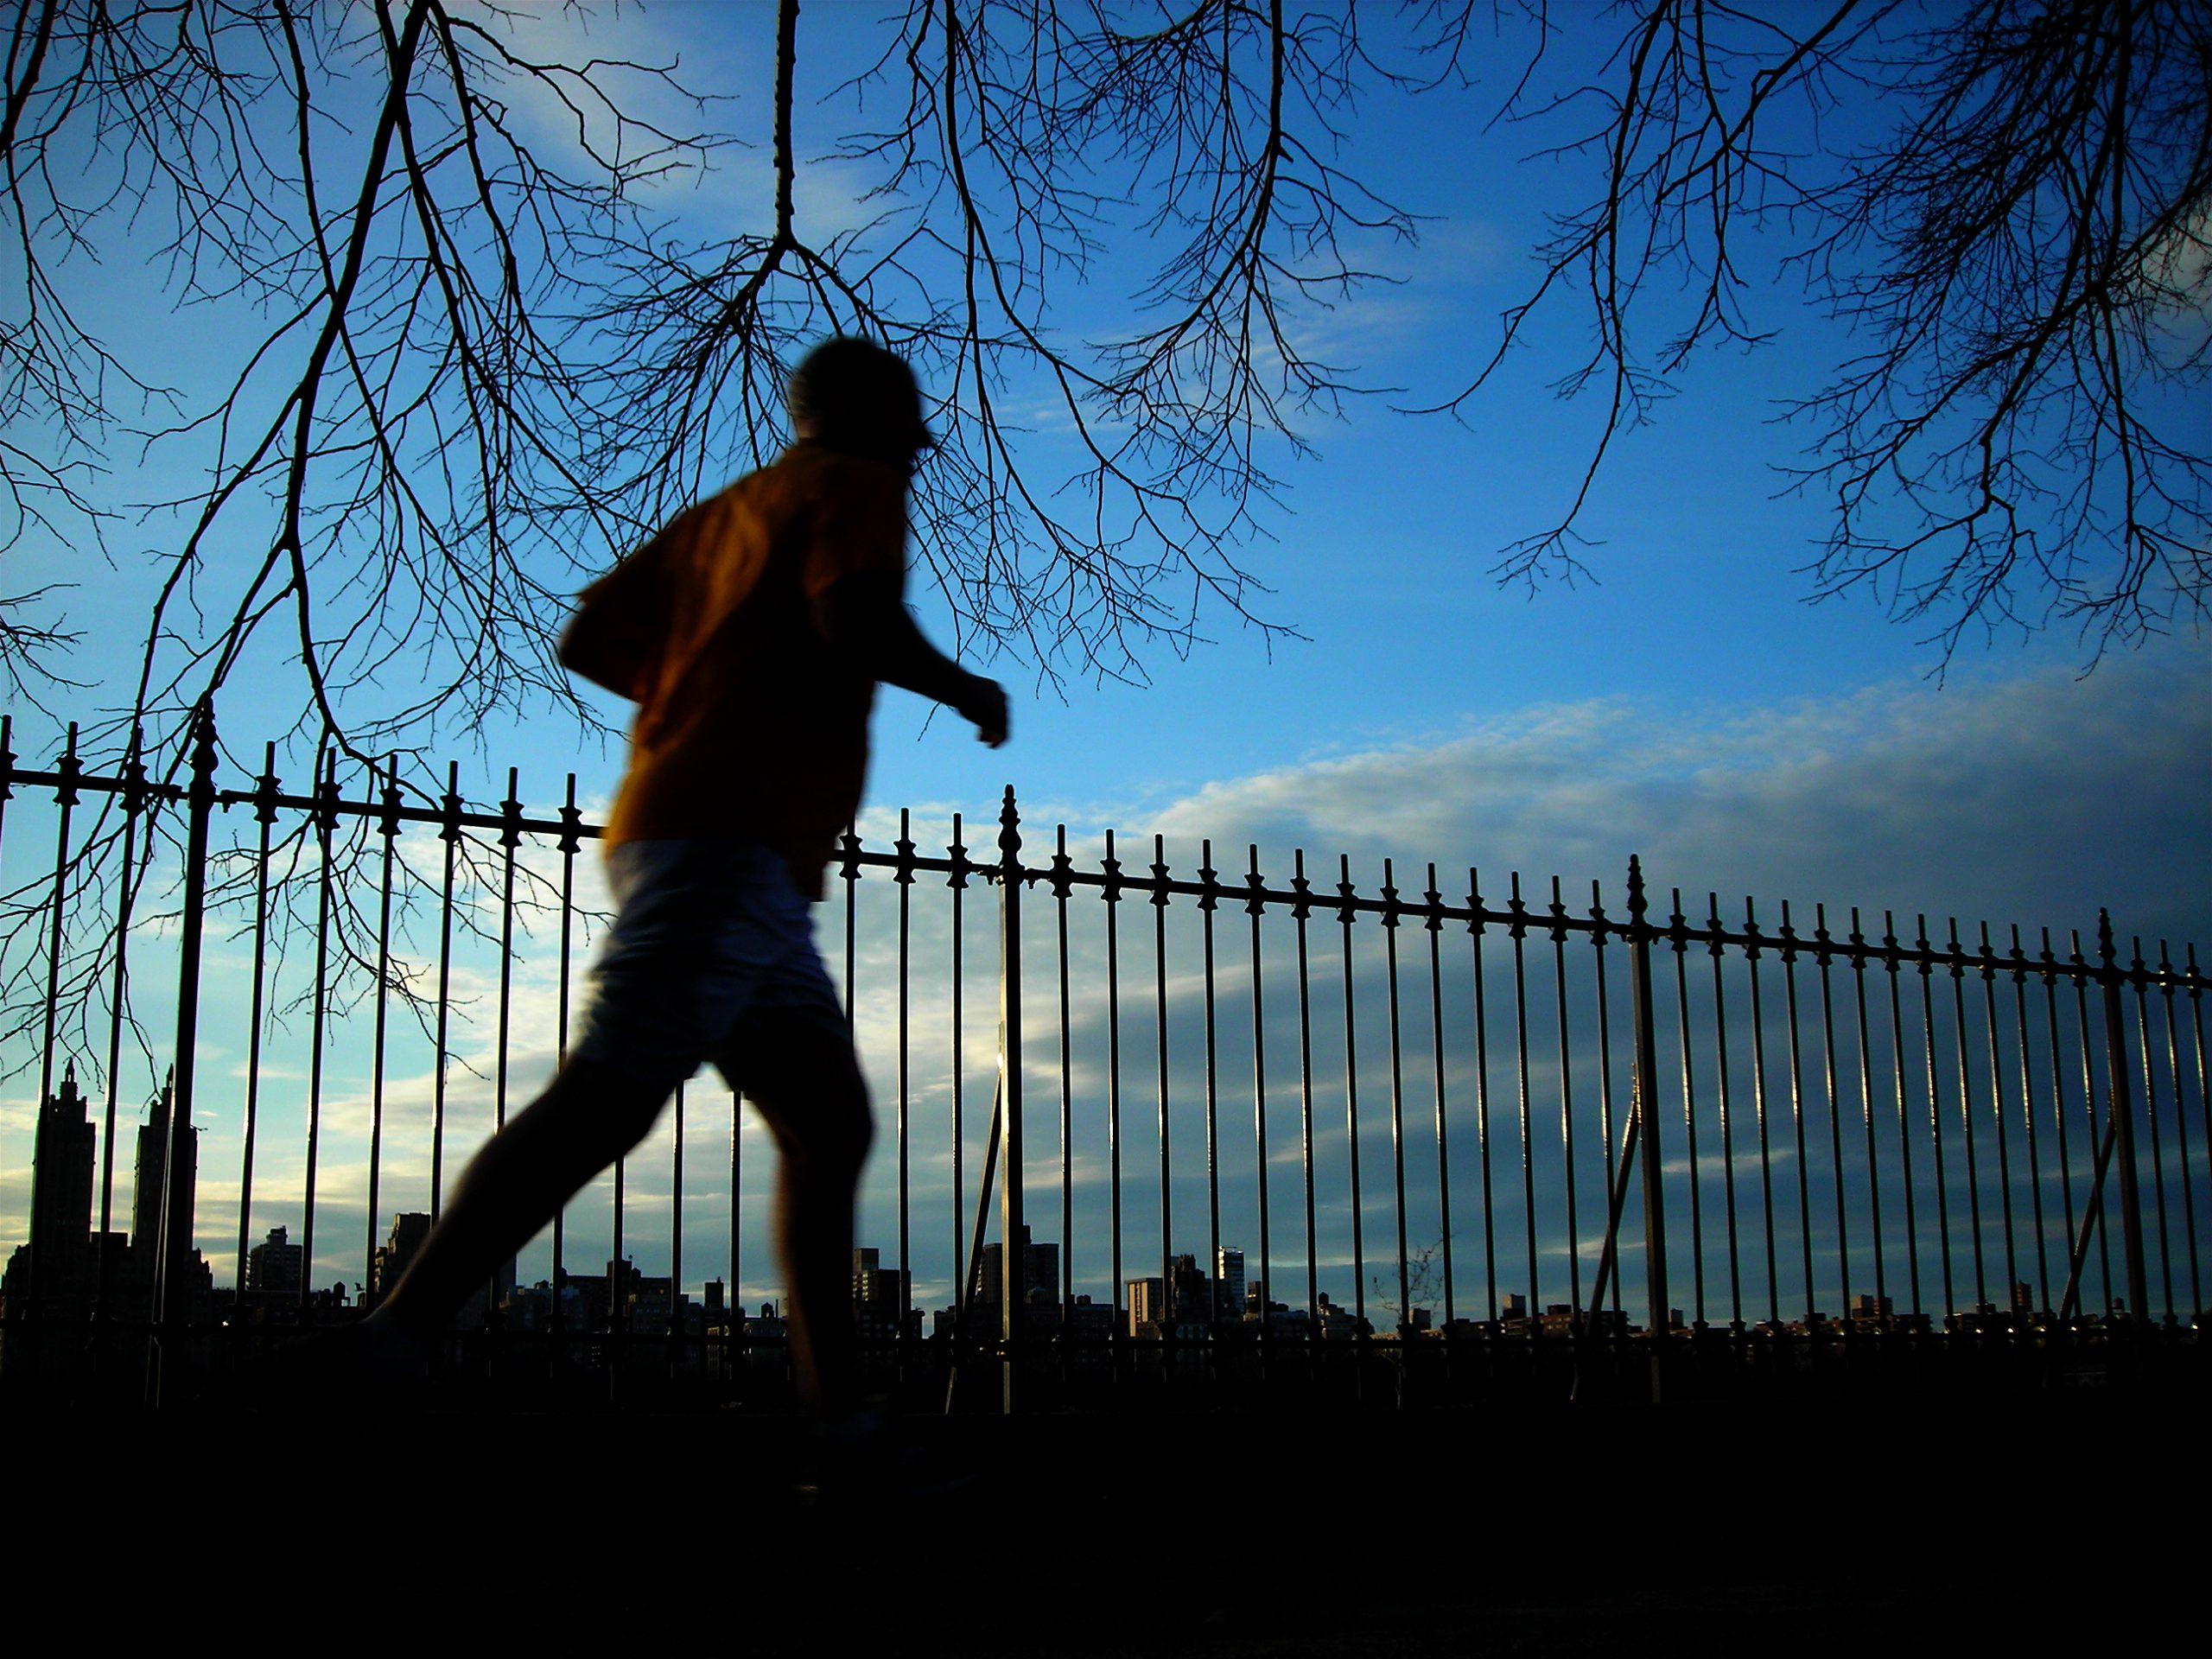 Runner by Tom Trevino